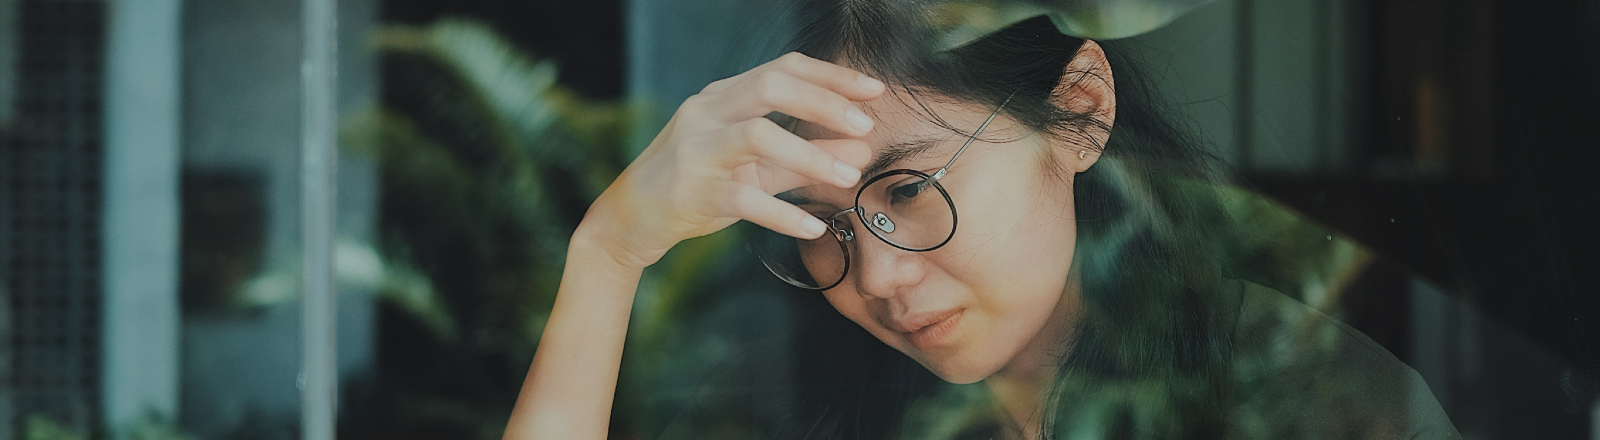 Das Spiegelbild einer grübelnden Frau.